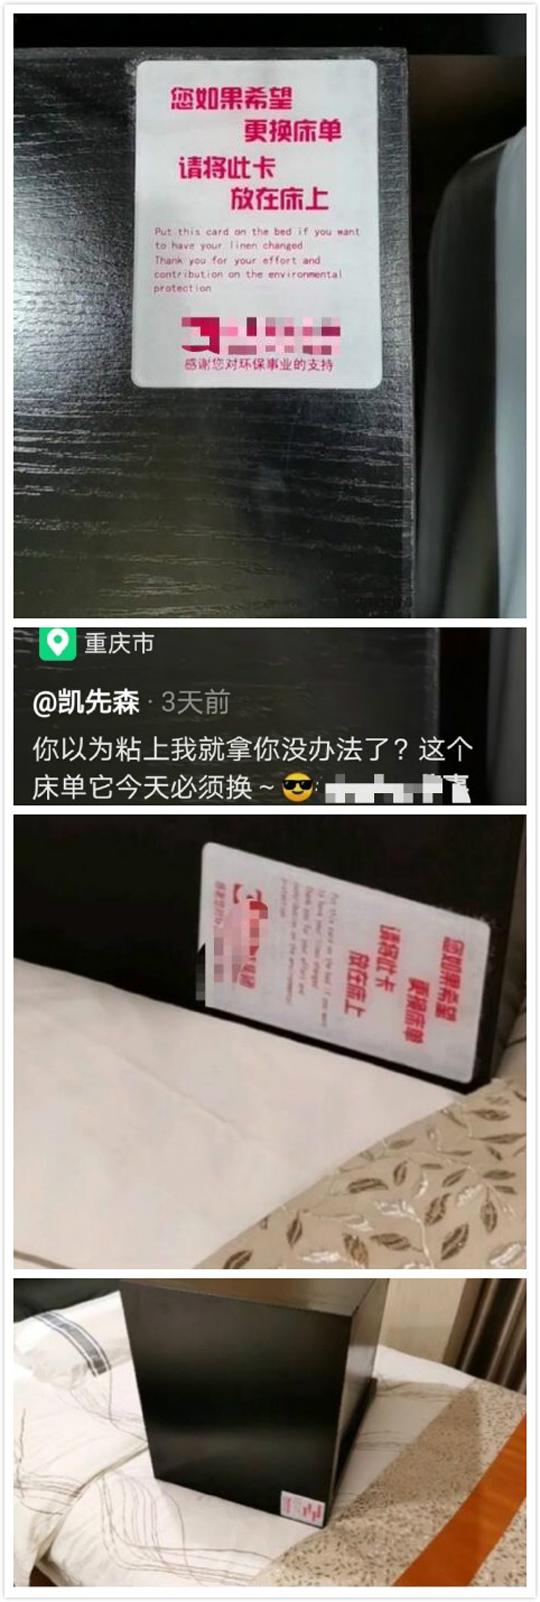 酒店:学会把卡贴墙上